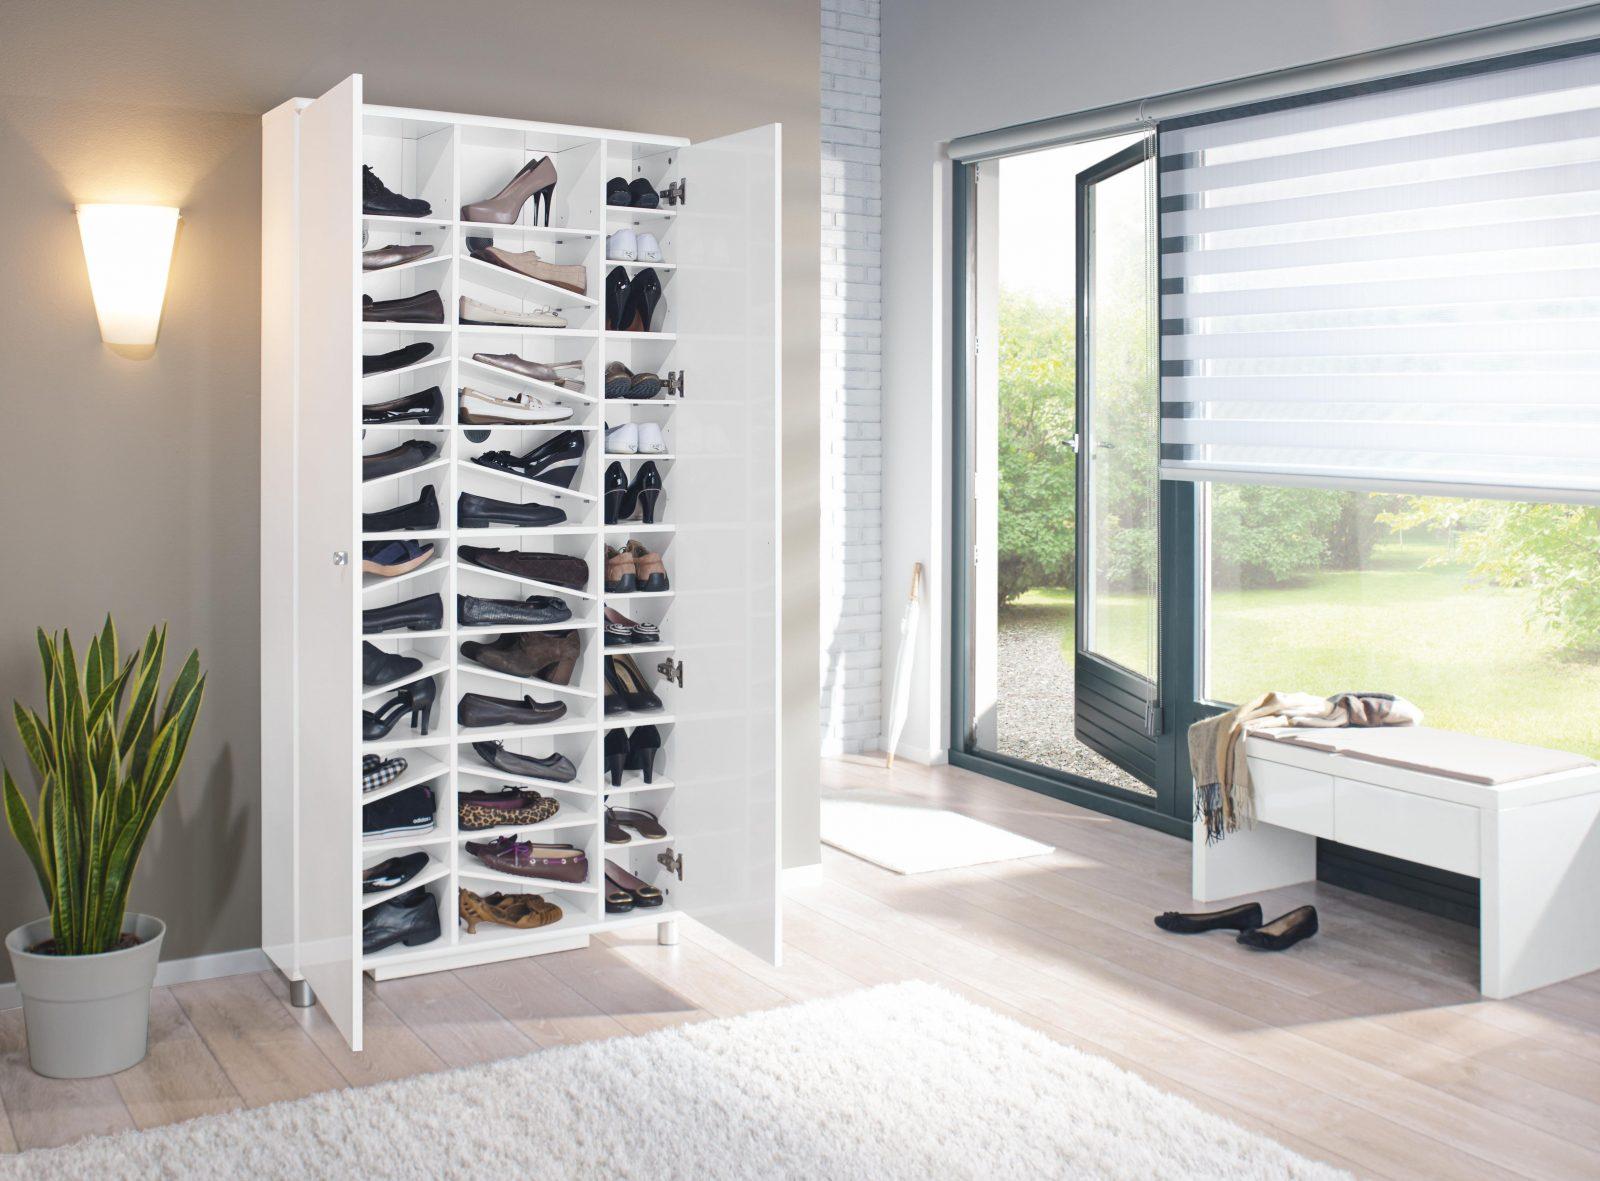 schuhschrank hoch und schmal haus design ideen. Black Bedroom Furniture Sets. Home Design Ideas